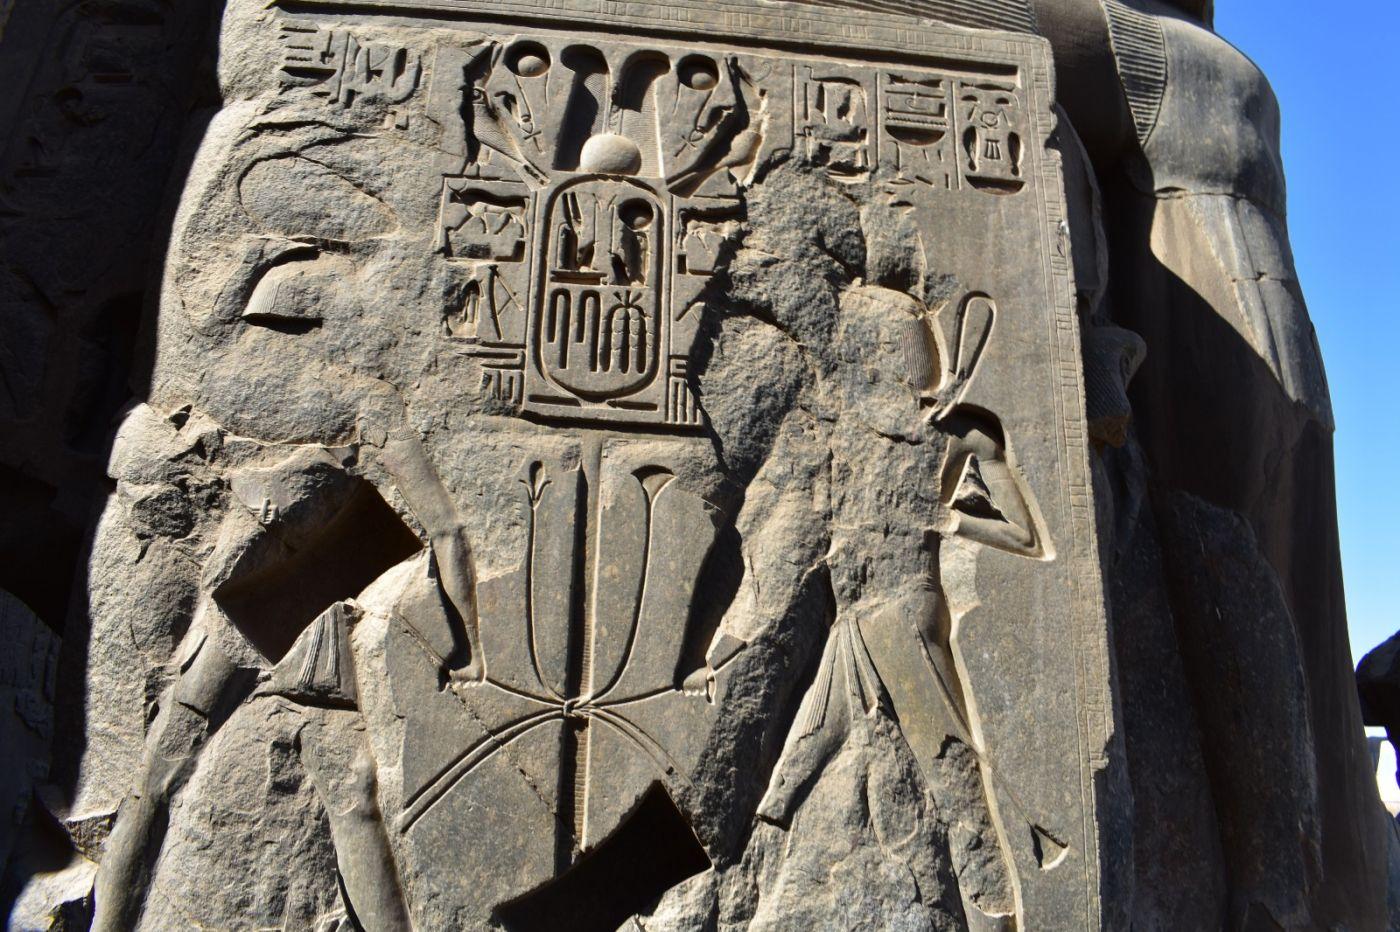 埃德富神庙和卢克索神庙_图1-24